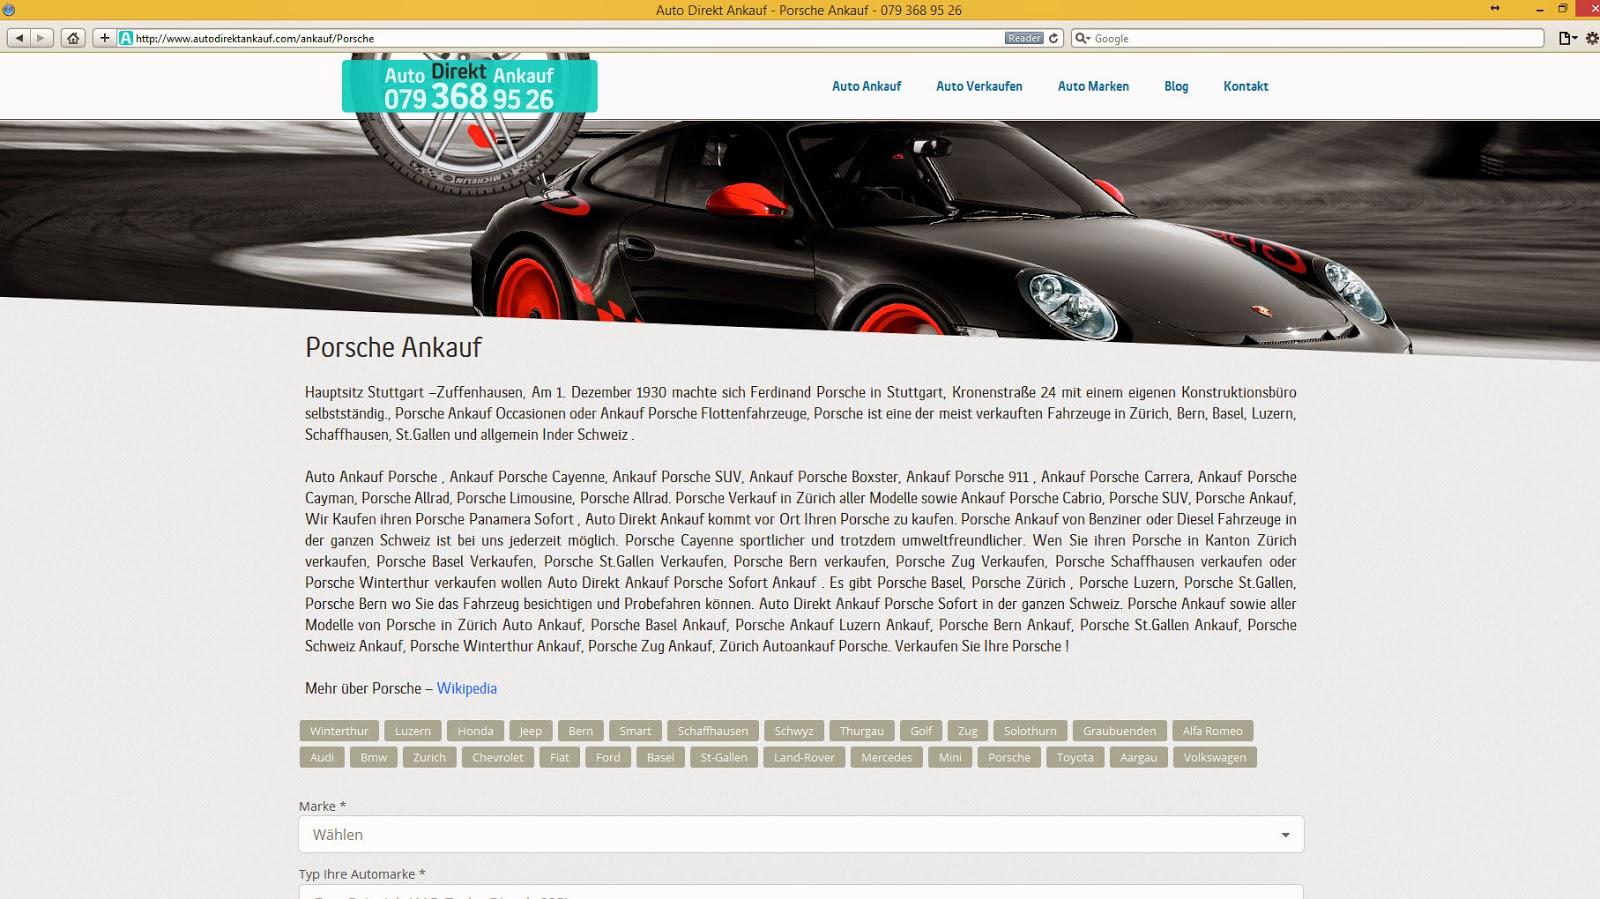 Auto Direkt Ankauf Alt Sayfa